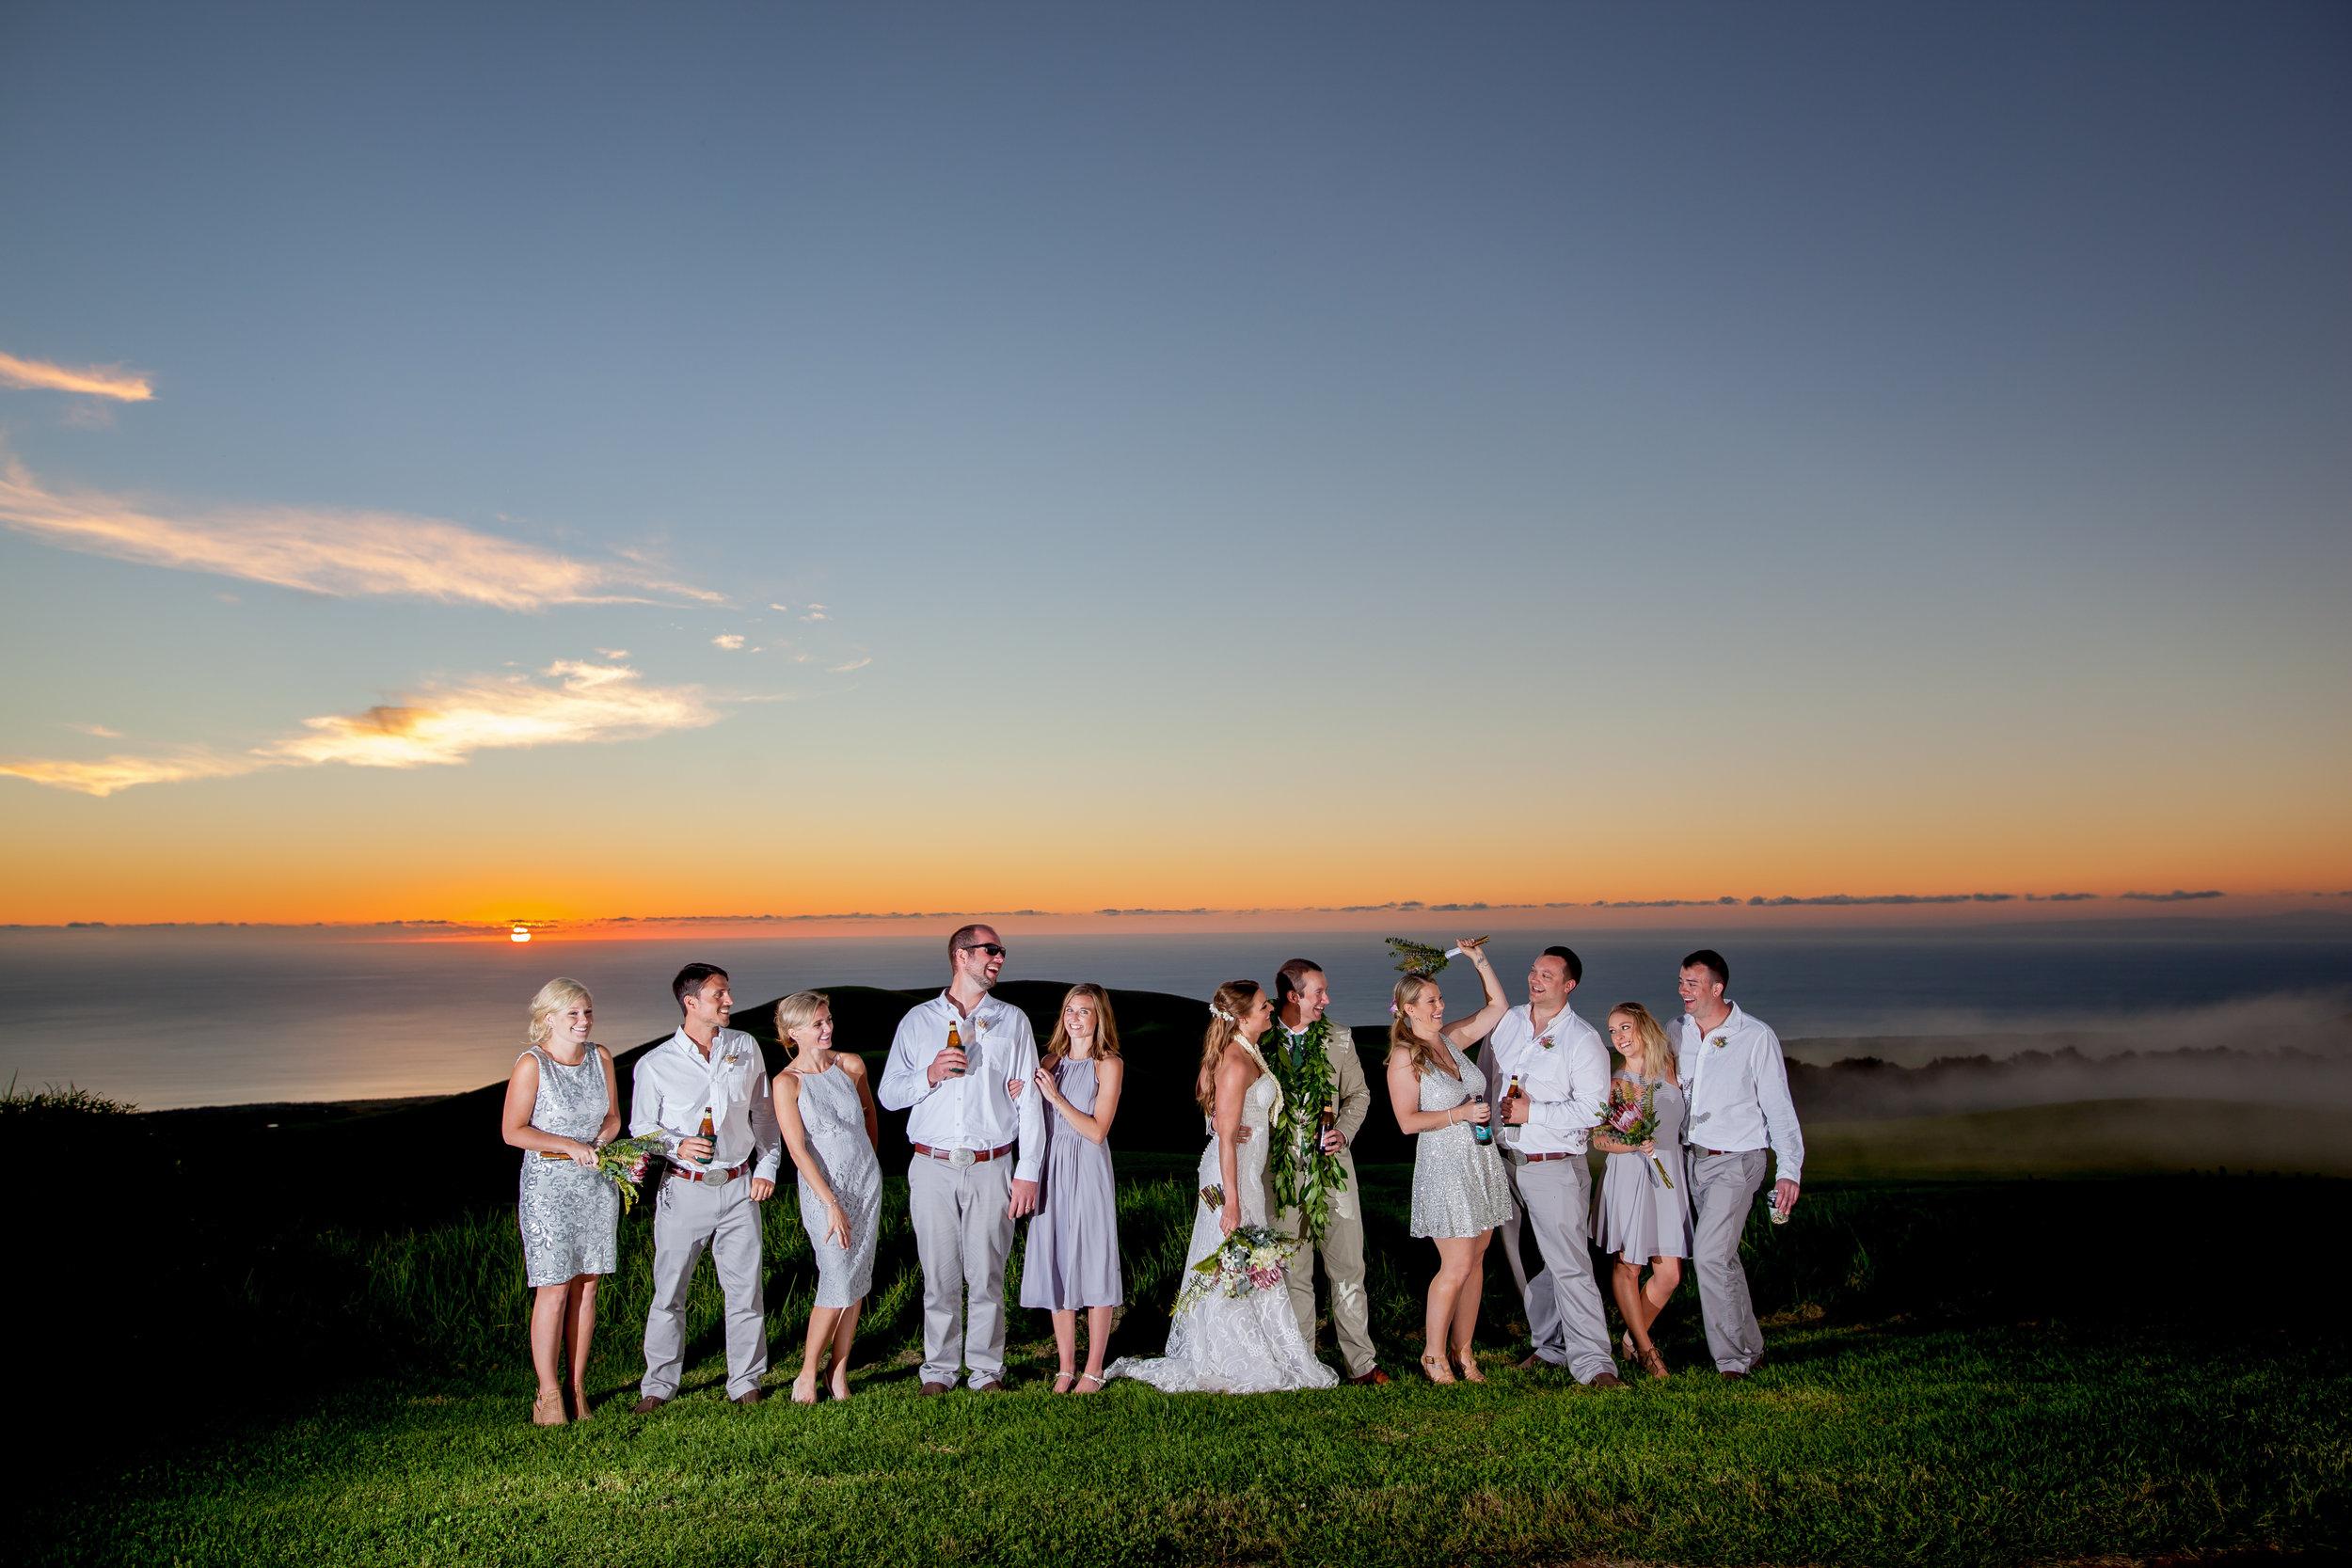 big island hawaii kahua ranch wedding © kelilina photography 20170106180352.jpg